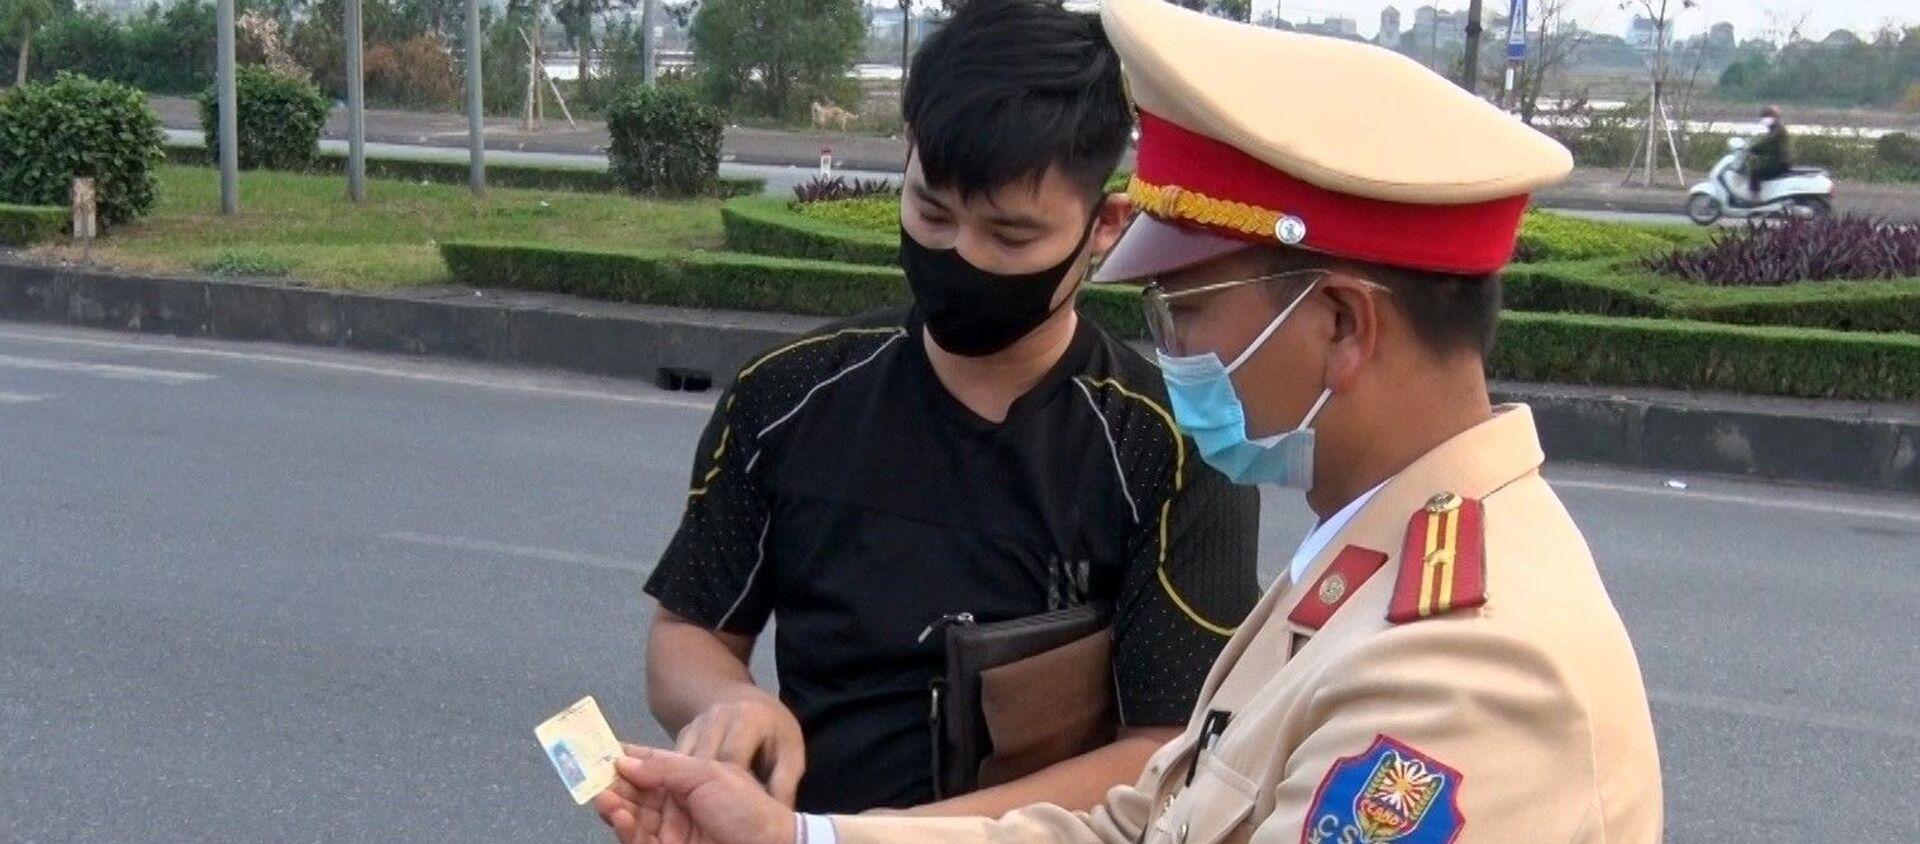 Lực lượng Cảnh sát giao thông Công an tỉnh Nam Định dừng xe kiểm tra giấy tờ các phương tiện trên Đại lộ Thiên Trường. - Sputnik Việt Nam, 1920, 05.04.2021